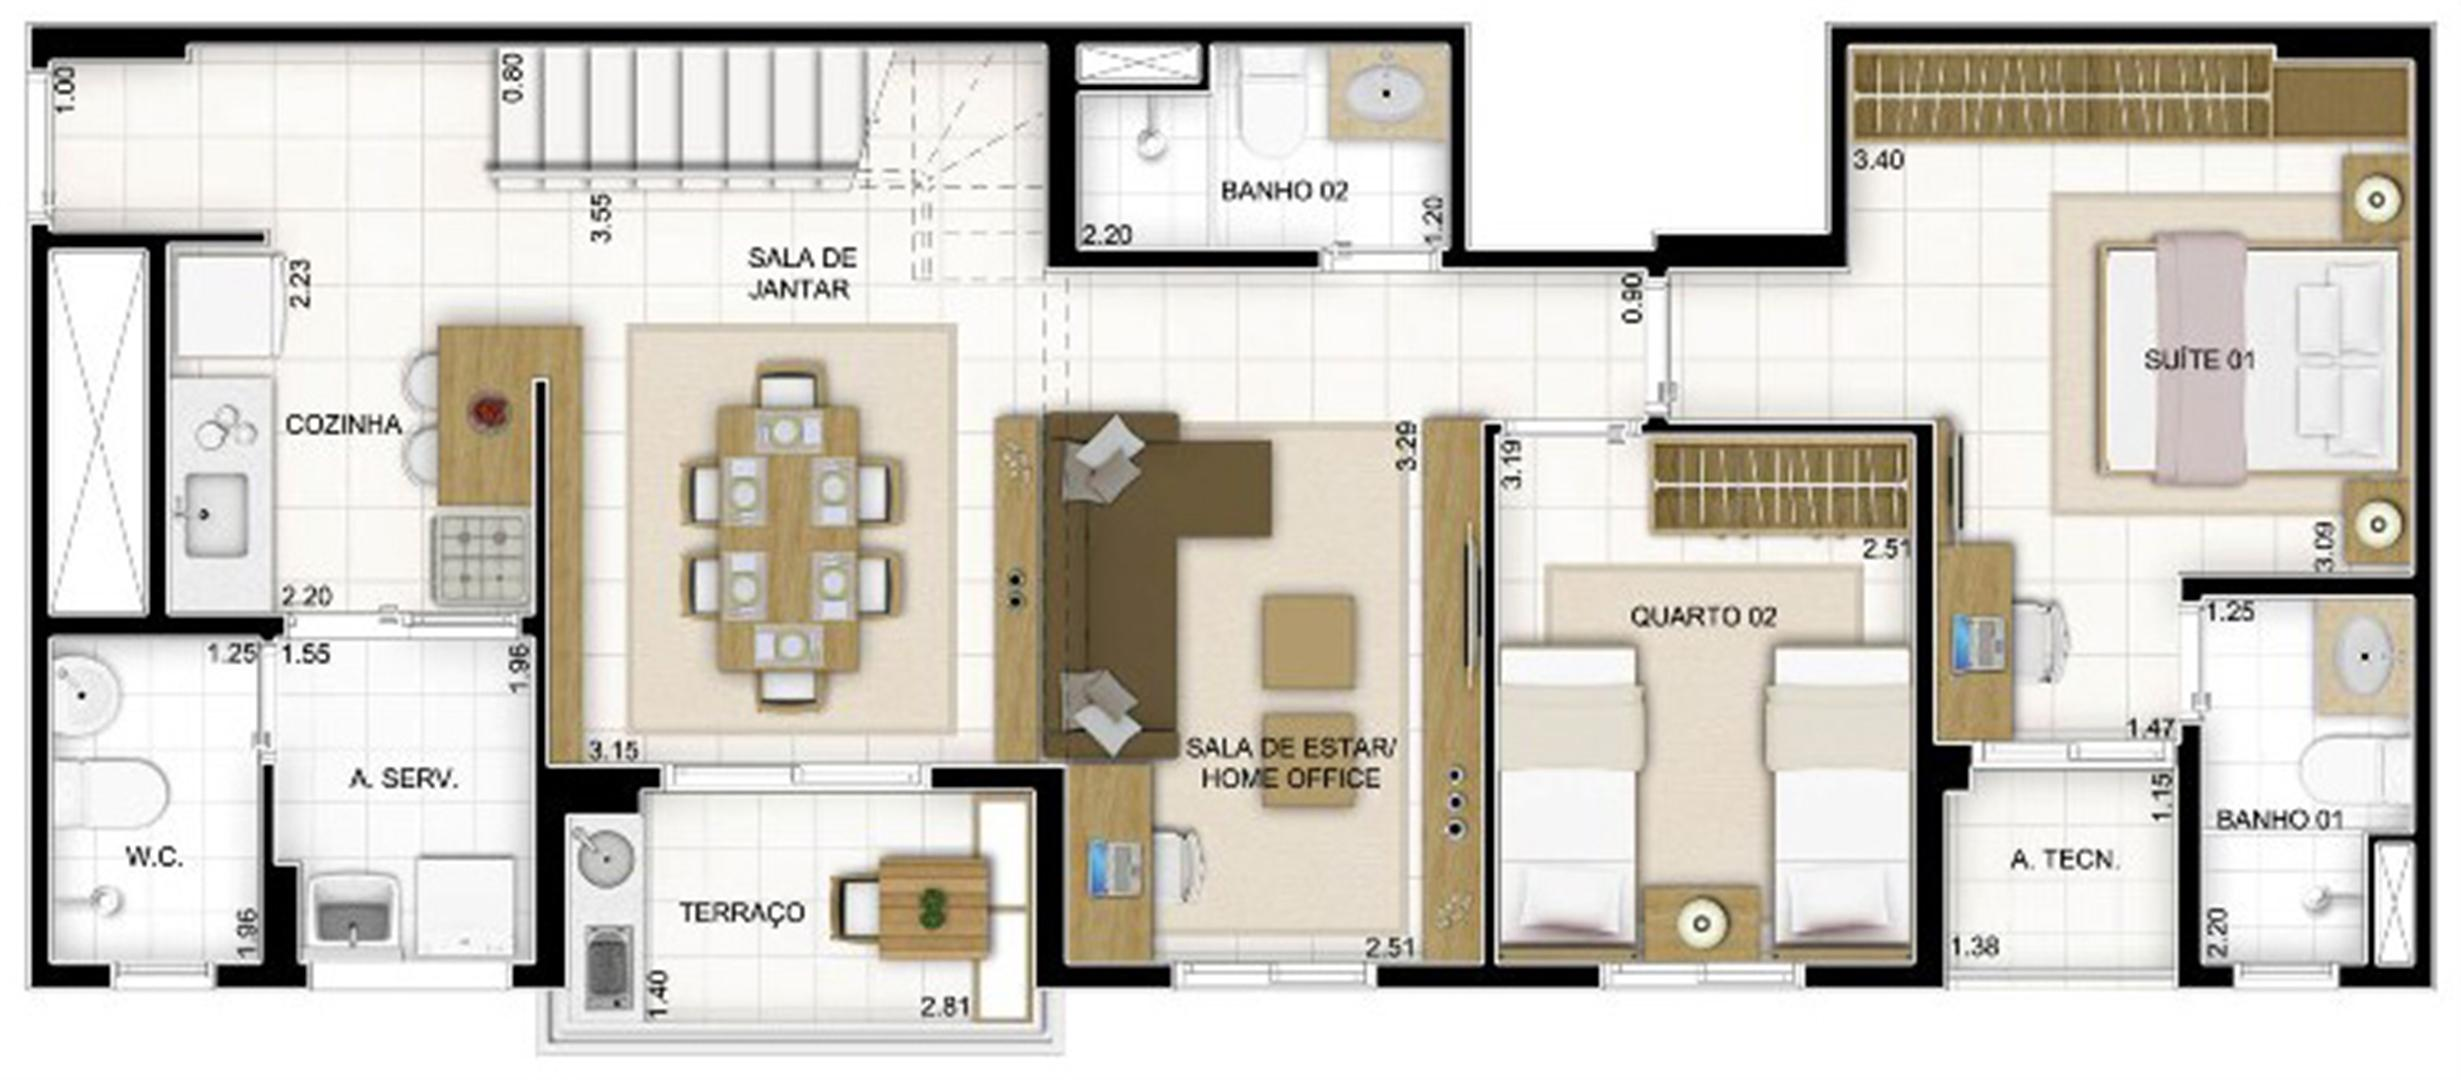 Duplex Andar Inferior 2 quartos Sala Ampliada 159 m²   Quartier Lagoa Nova – Apartamento na  Lagoa Nova - Natal - Rio Grande do Norte